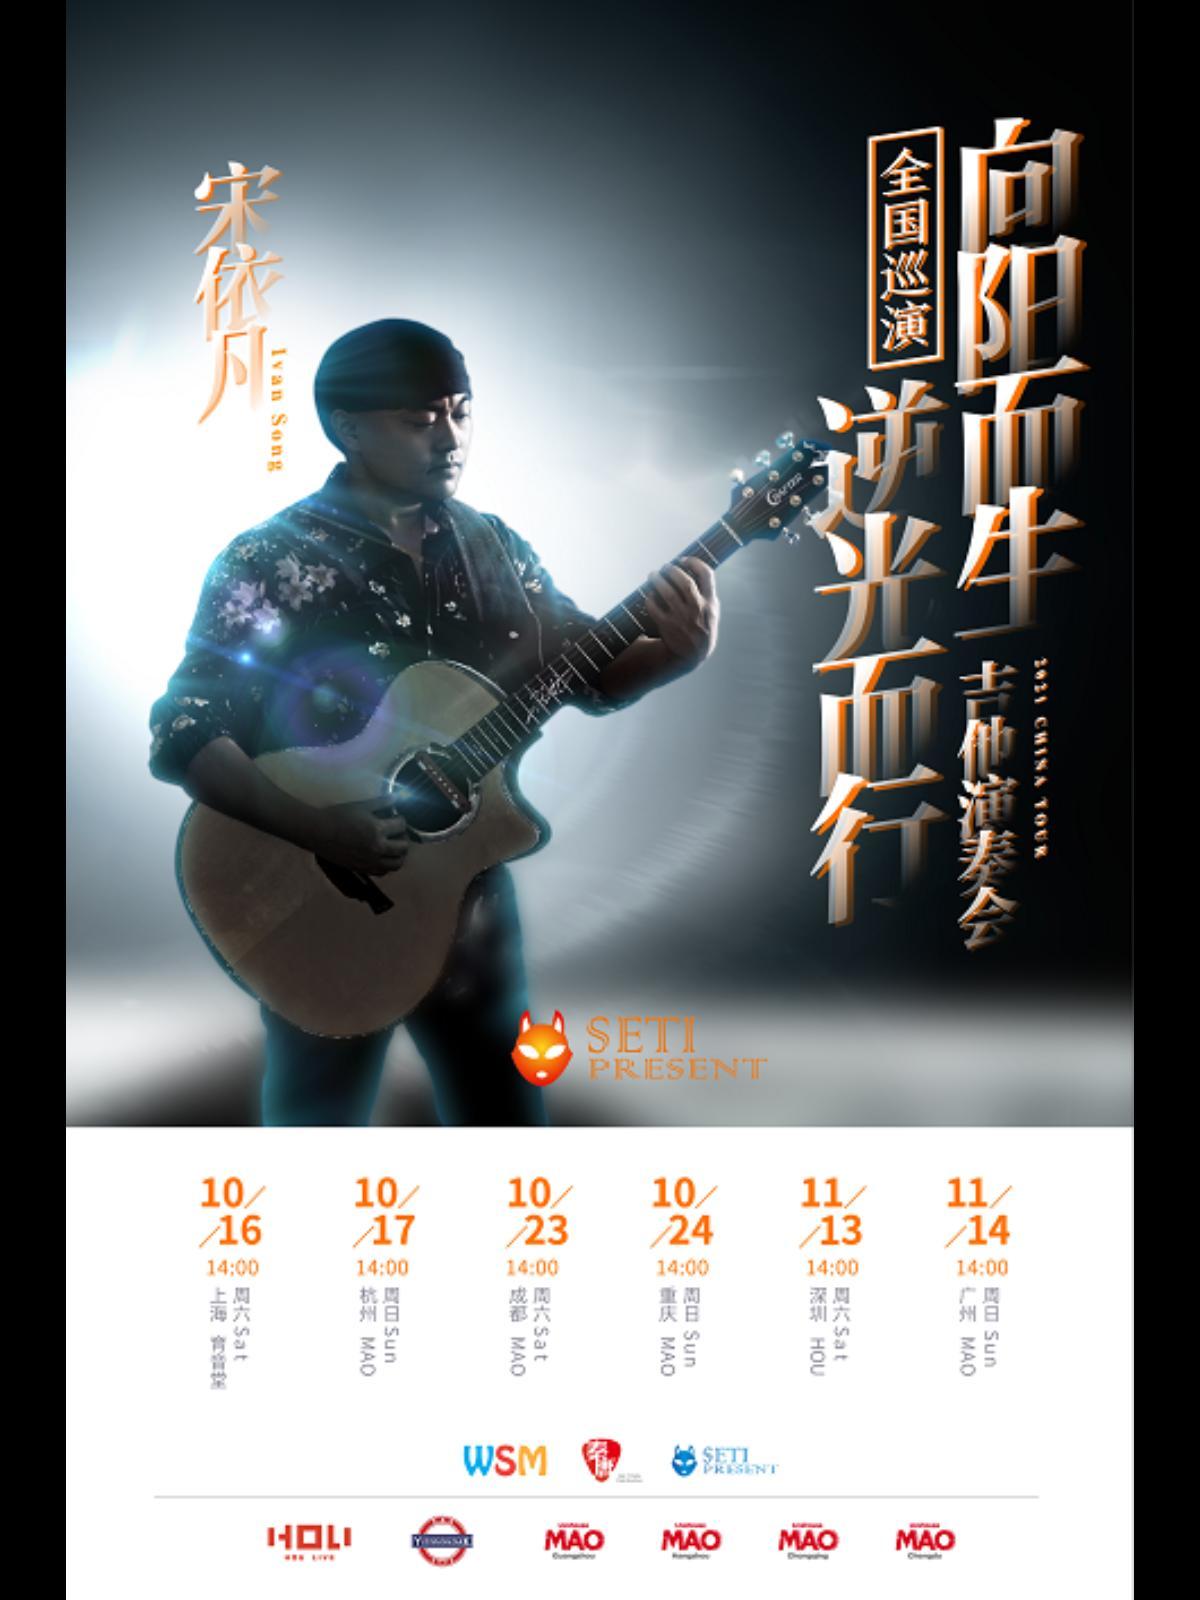 宋依凡2021吉他演奏会